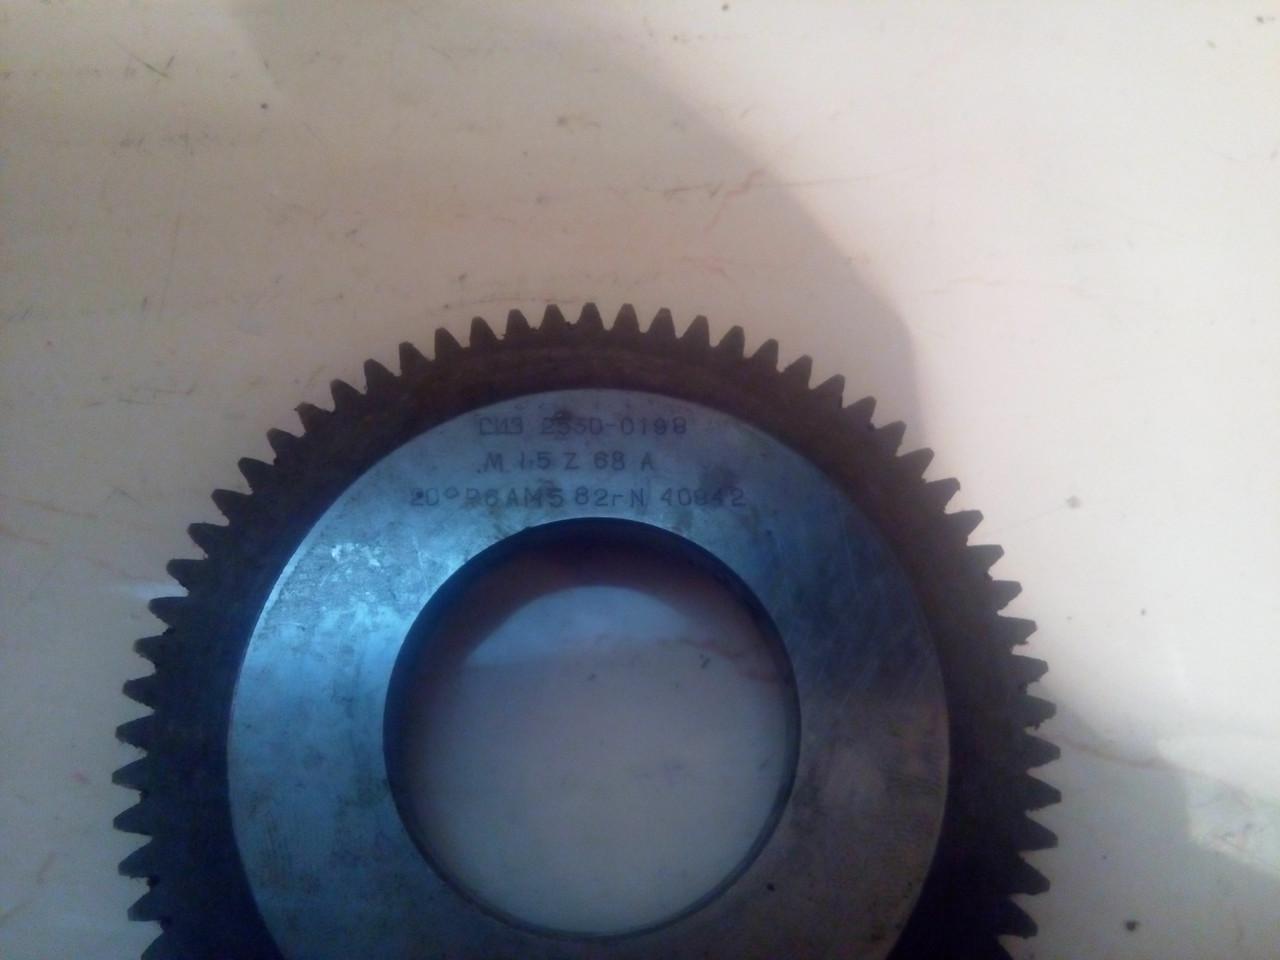 Долбяк дисковый М 1,5  z68 d20 град  P6М5 дел. диаметр 100